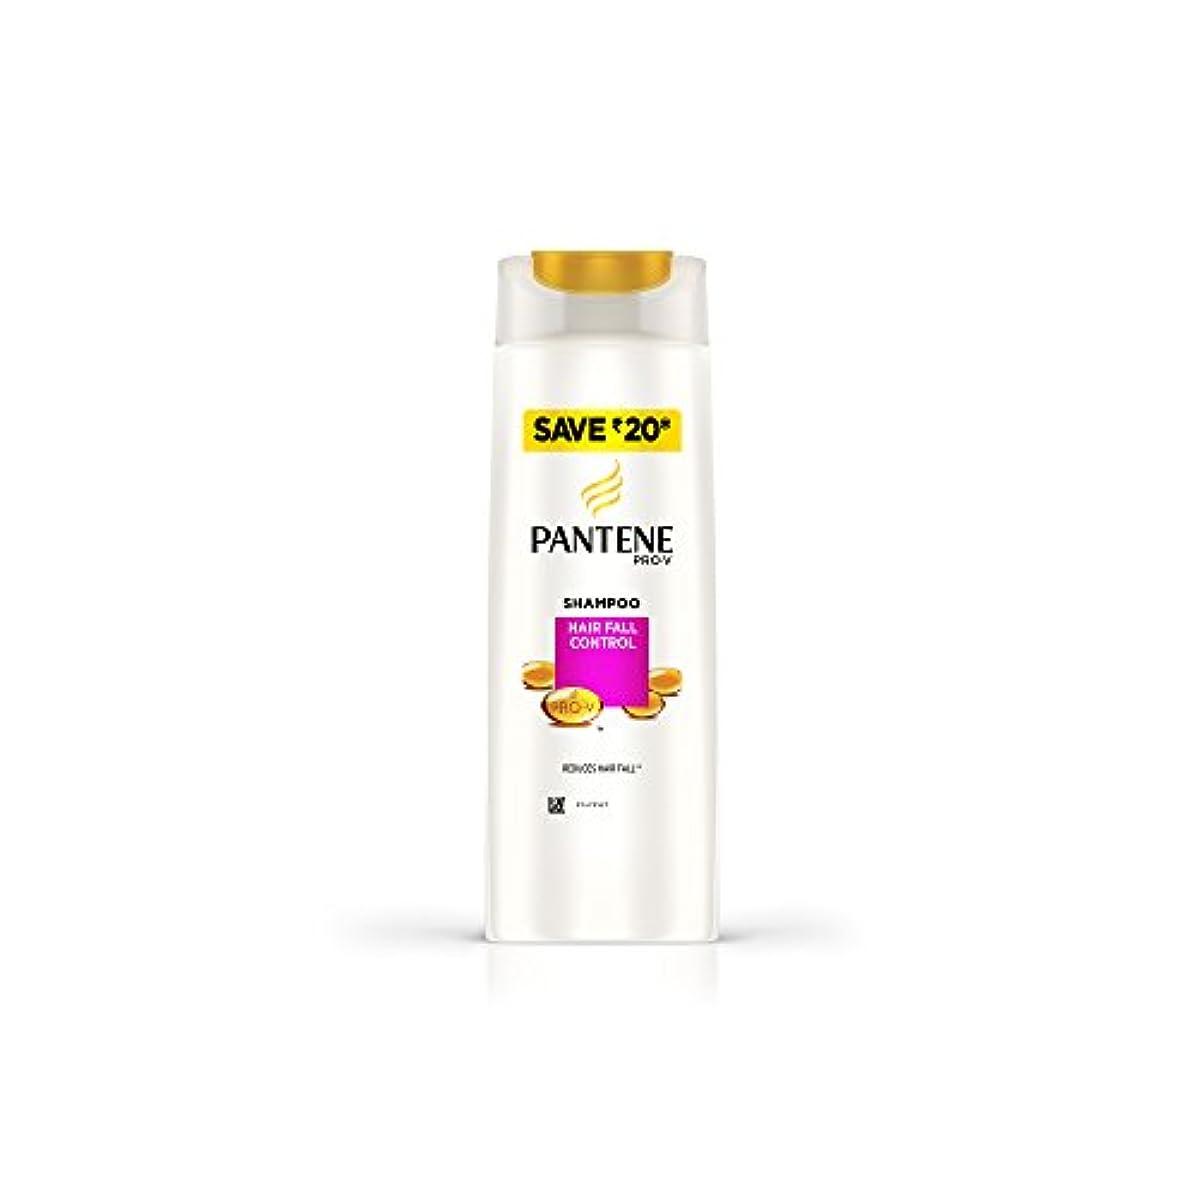 ランチョン稚魚在庫PANTENE Hair Fall control SHAMPOO 180 ml (PANTENEヘアフォールコントロールシャンプー180ml)